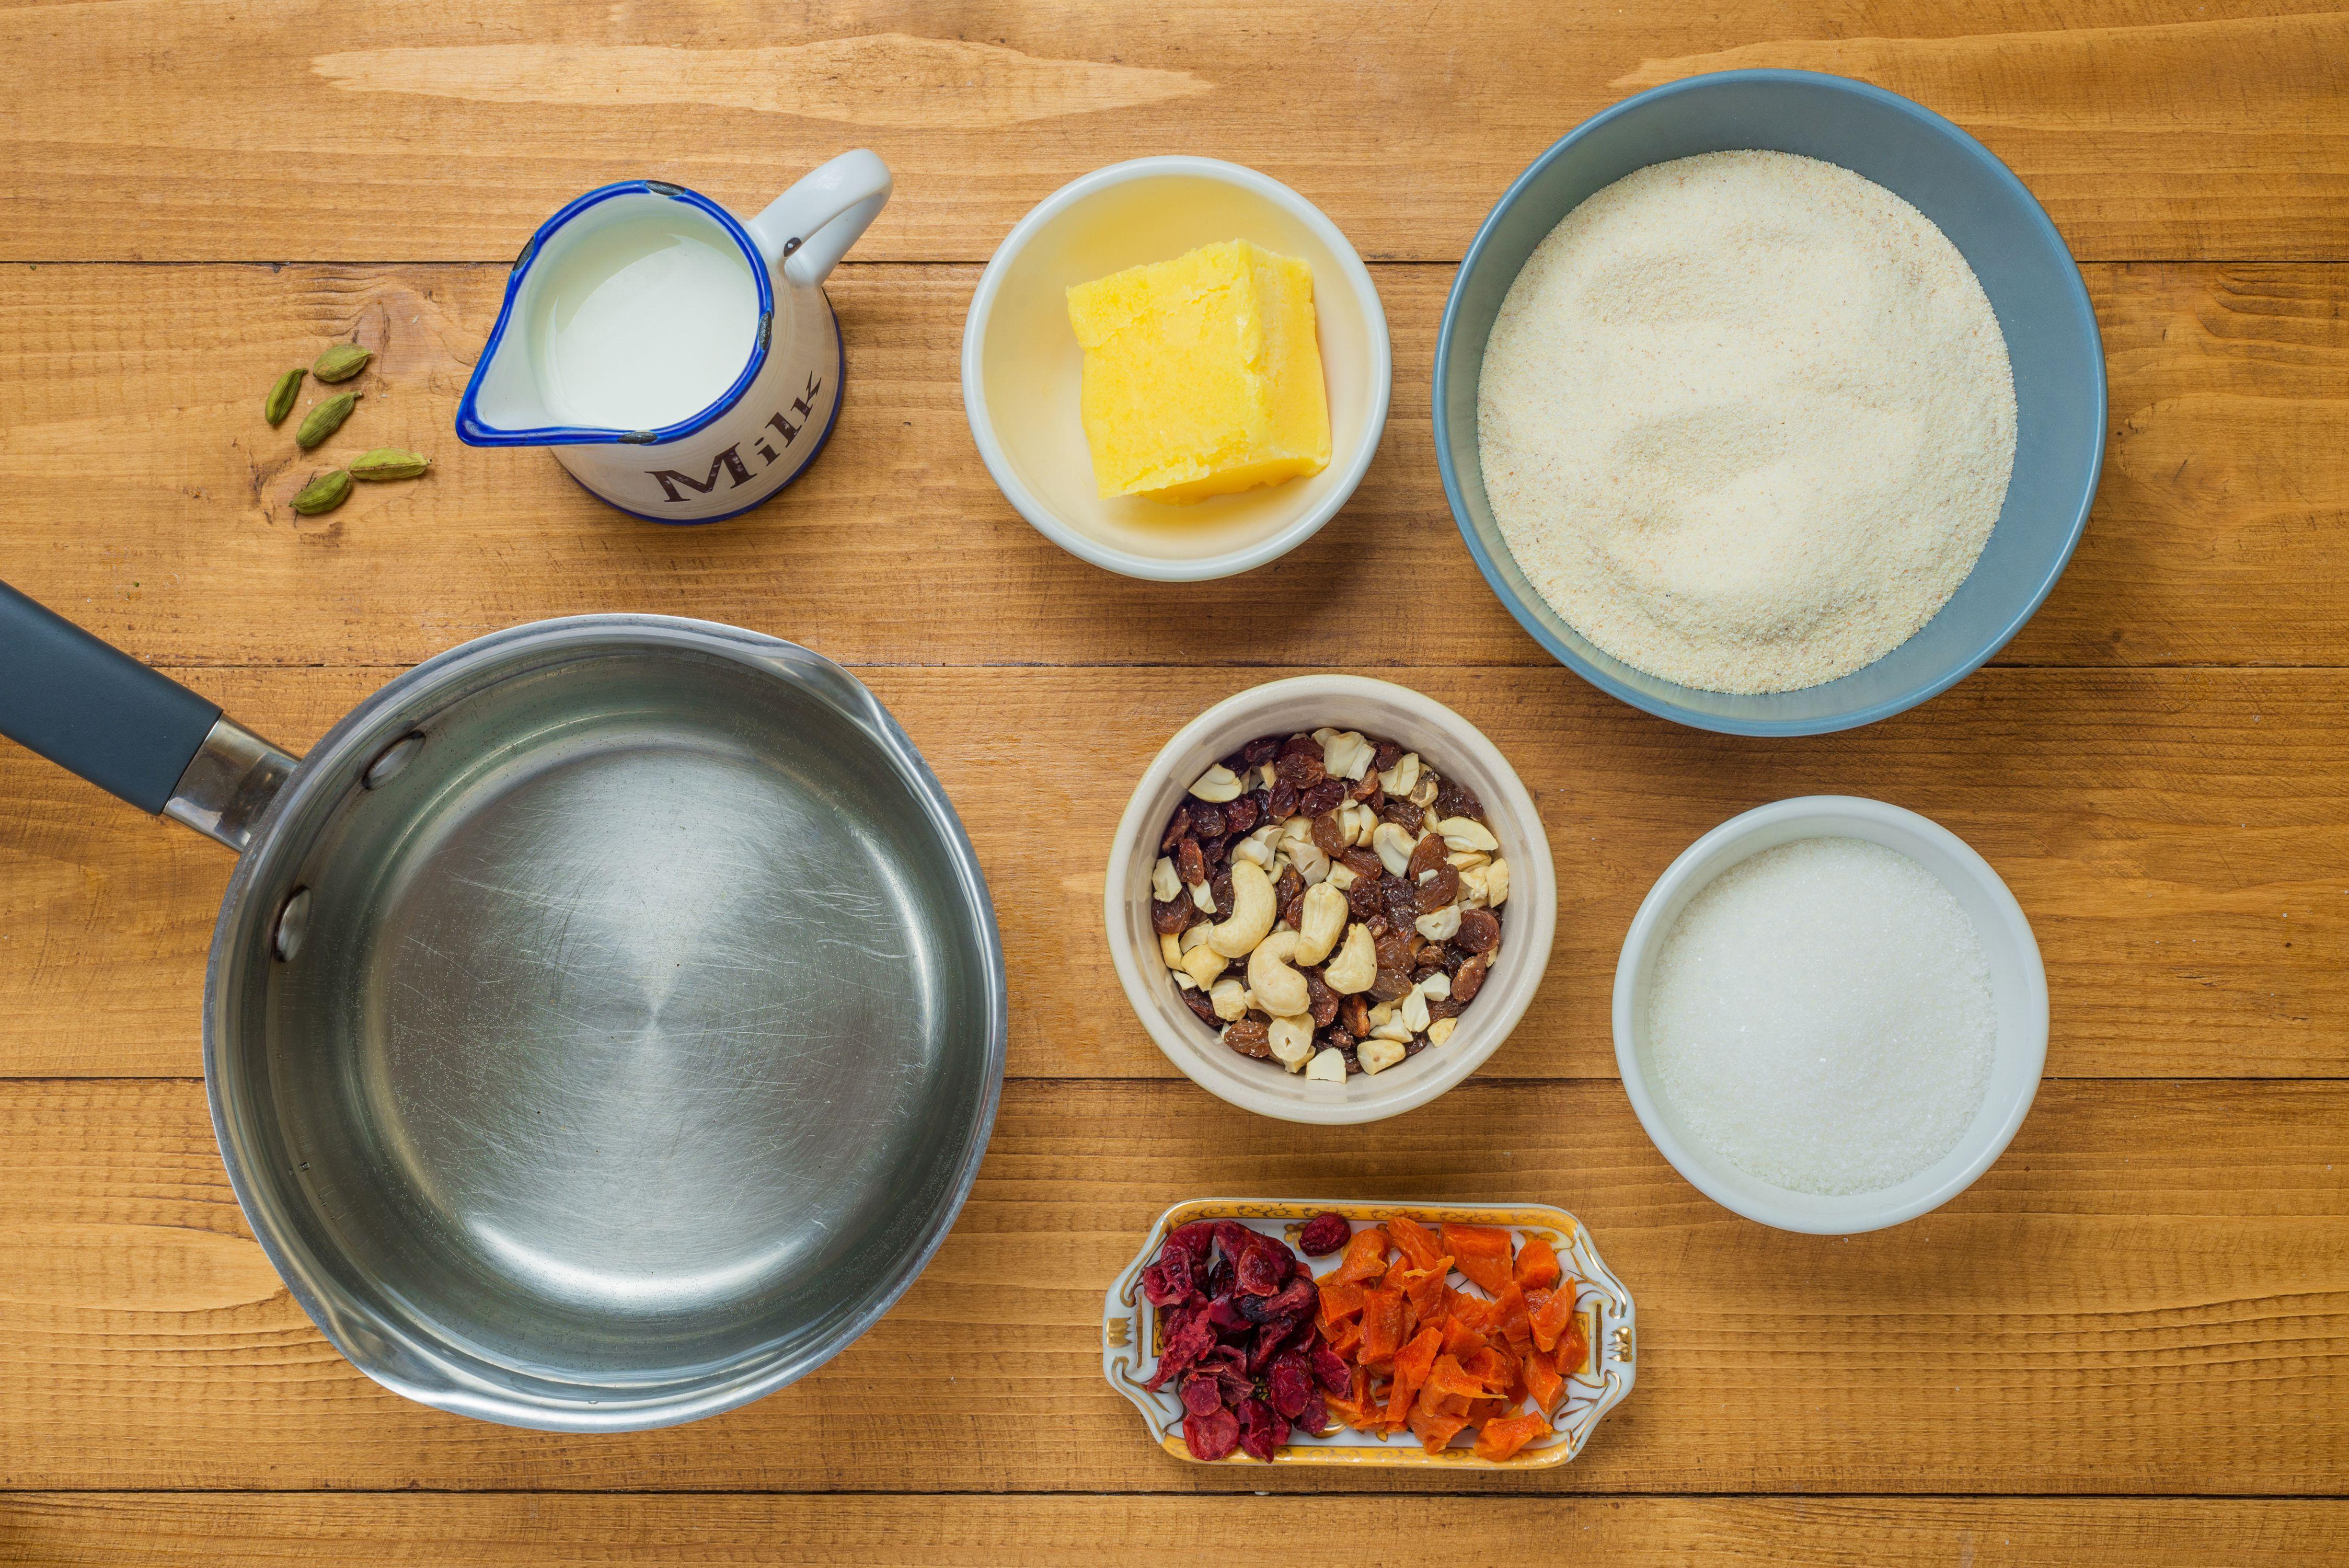 Indian Semolina ingredients